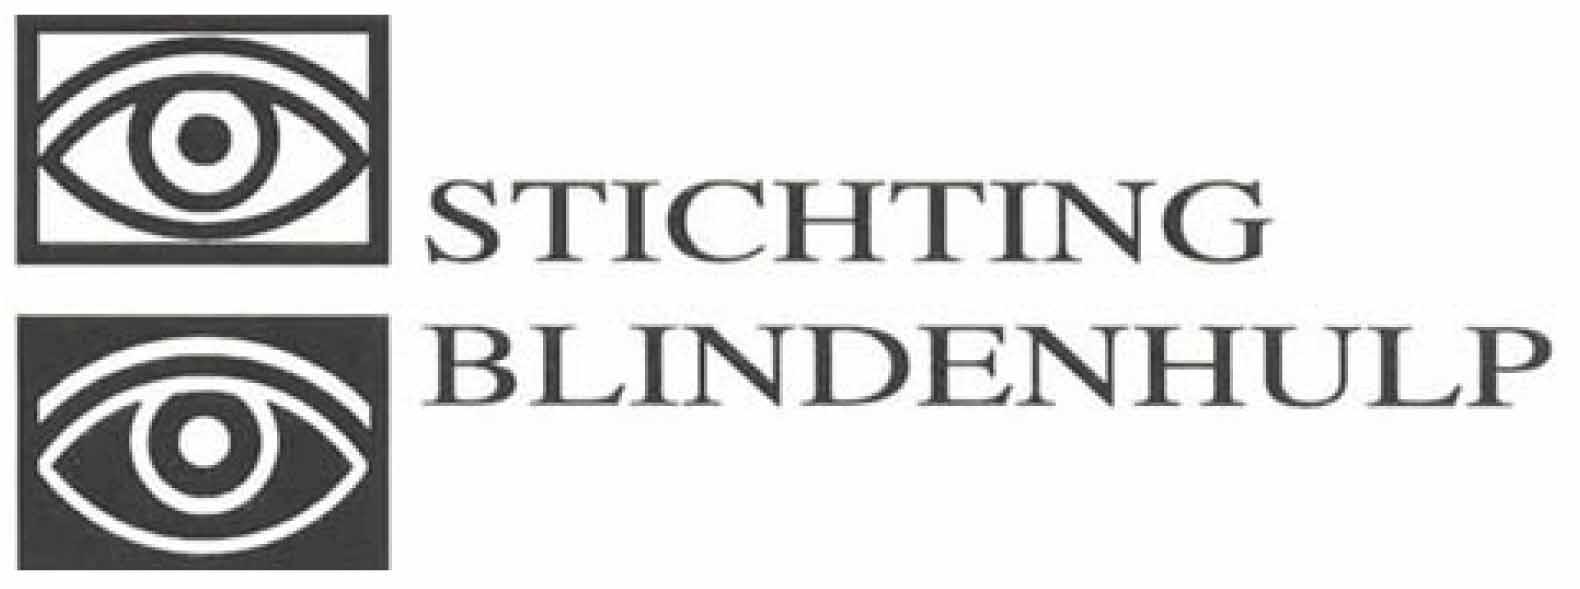 Logo: Stichting BlindenHulp, Geholpen door Stichting Blindenhulp | Blindenhulp